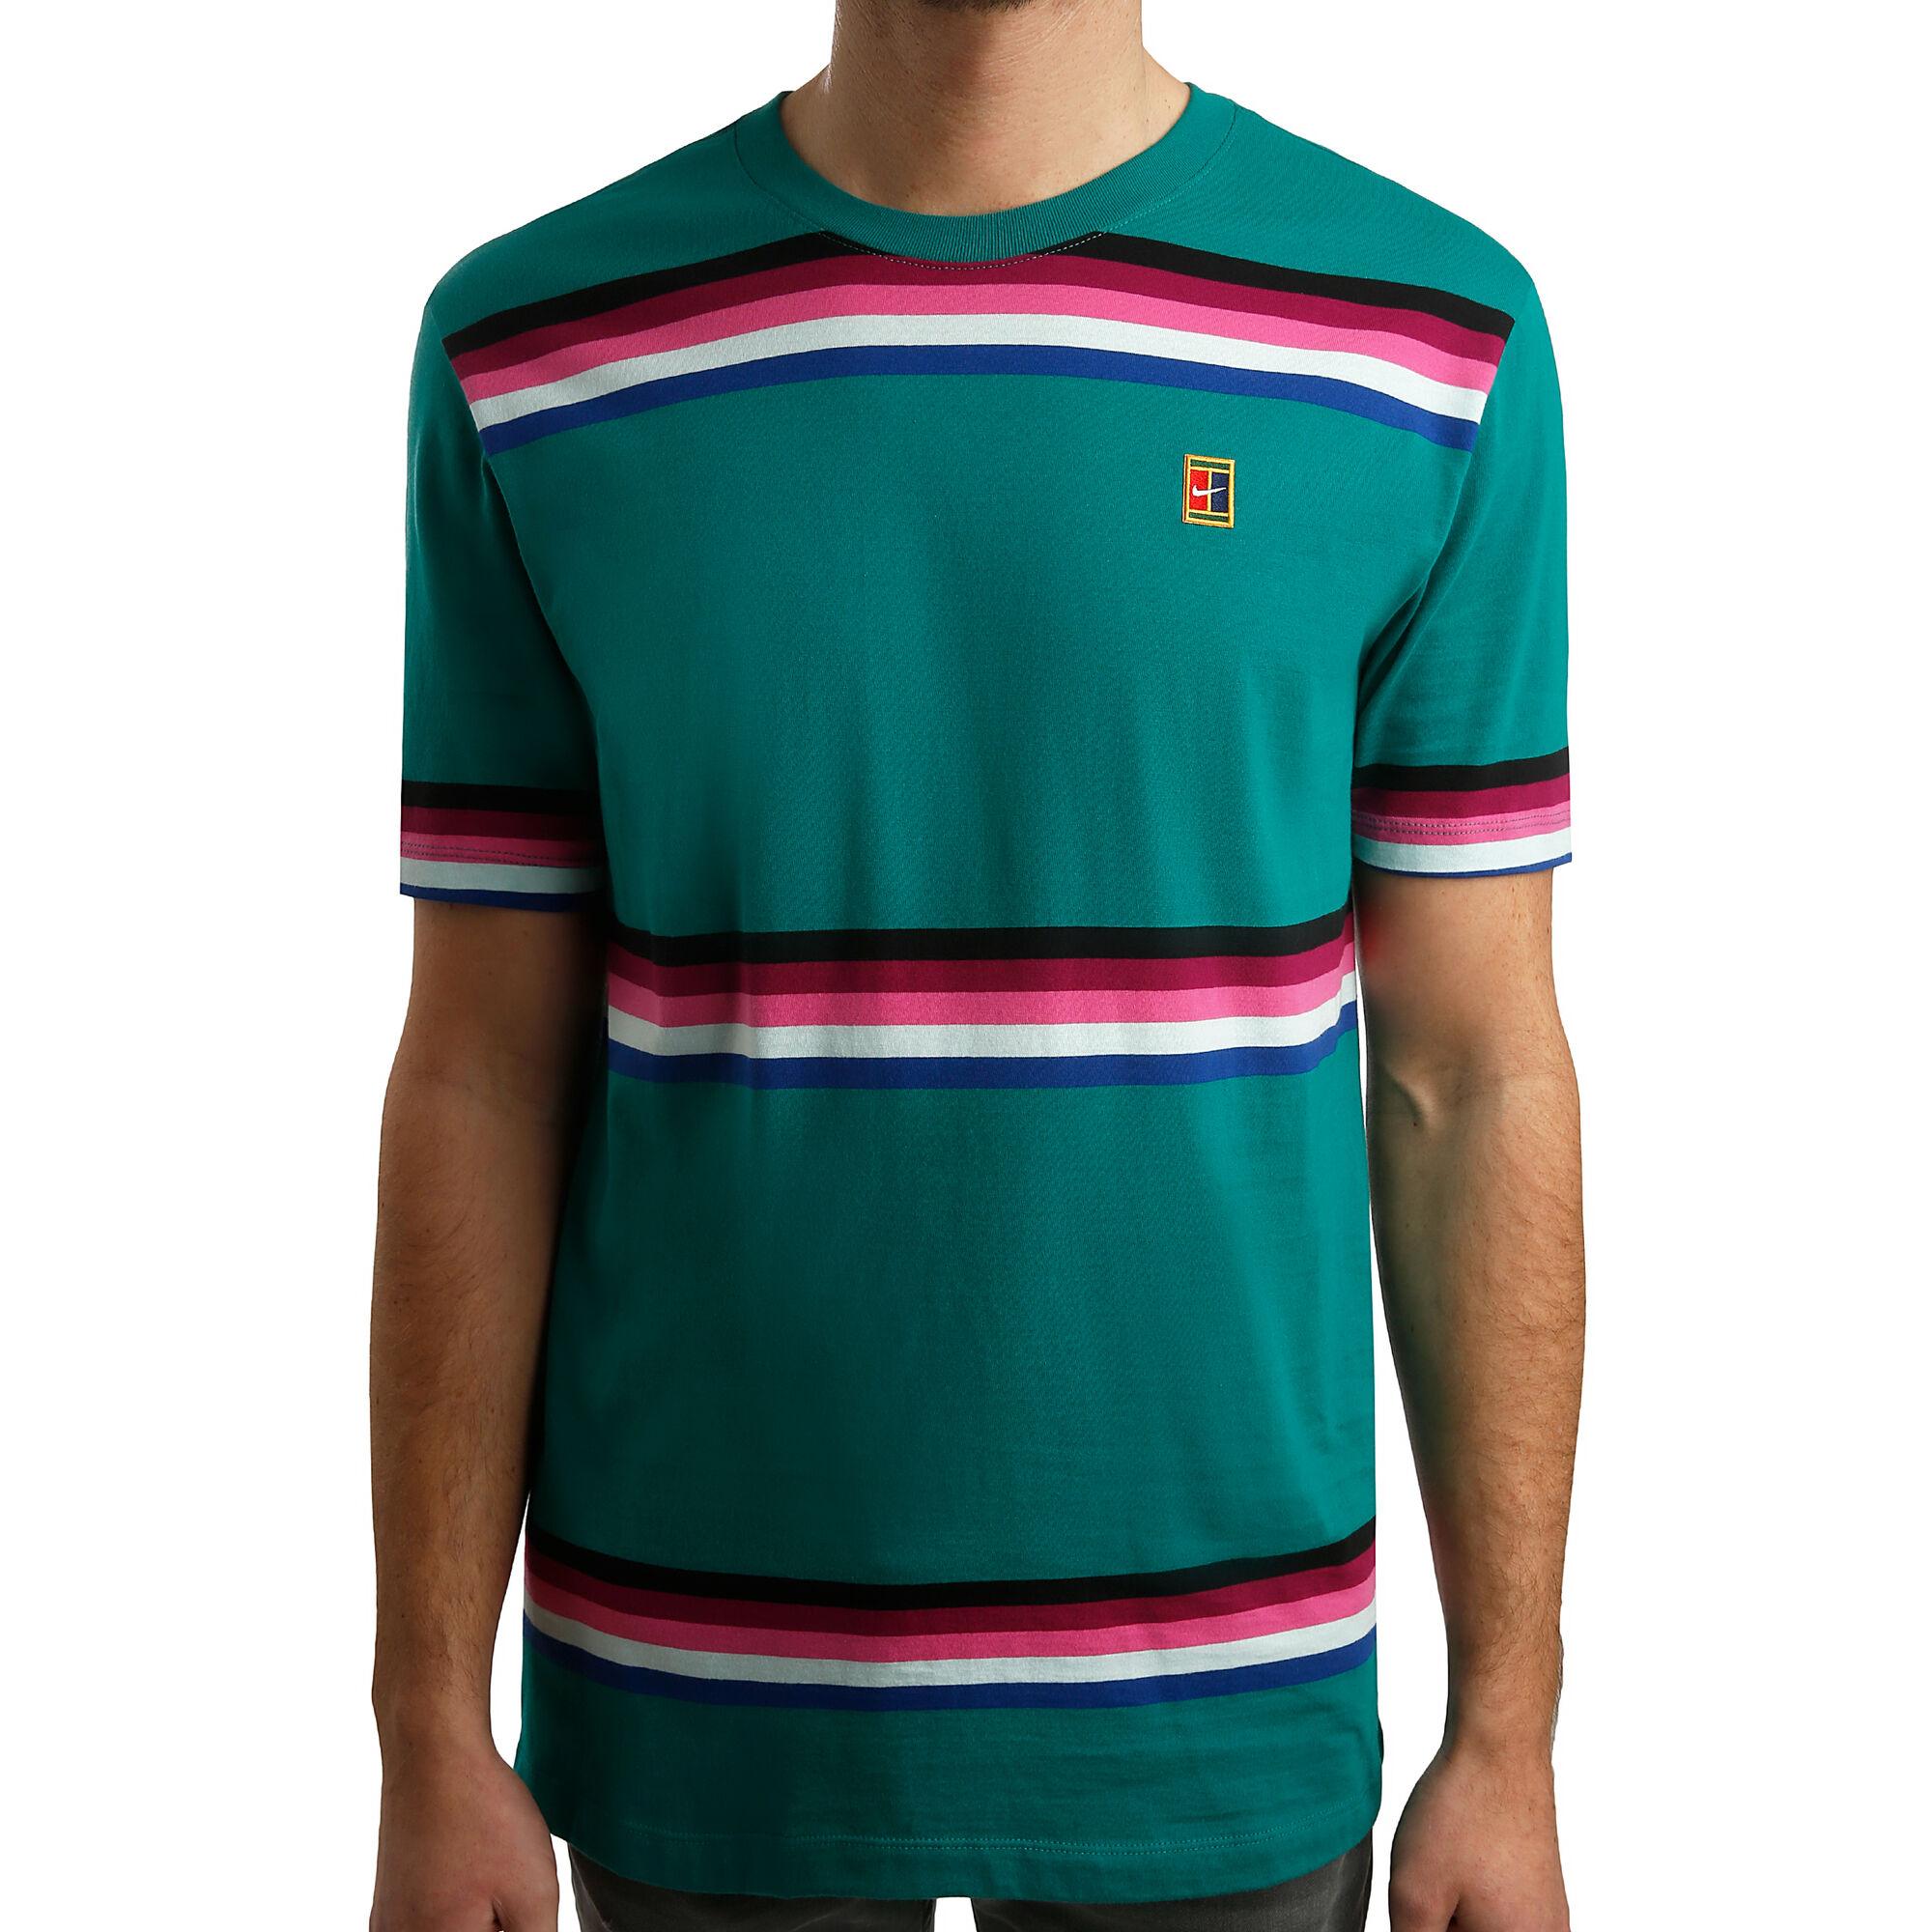 ab49357a06c9 Nike Court Tričko Muži - Zelená